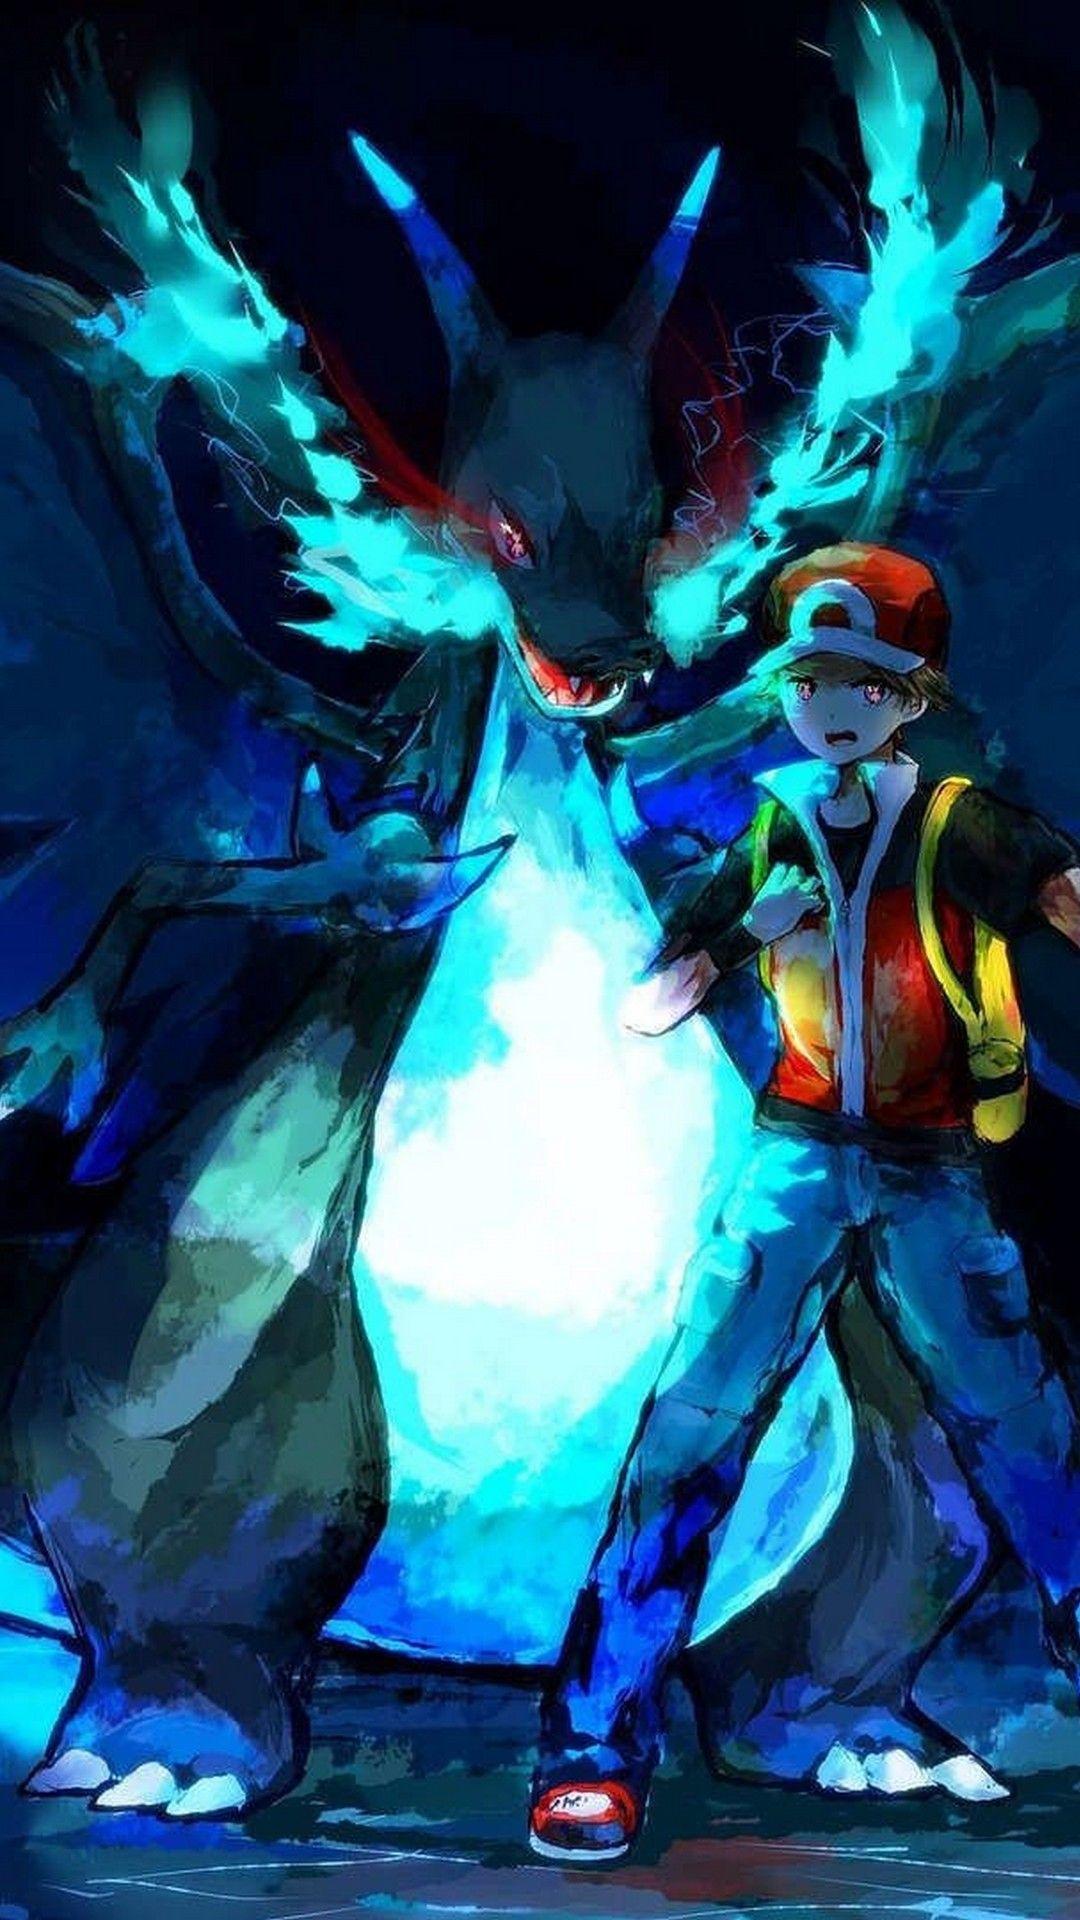 Hd Pokemon Wallpaper